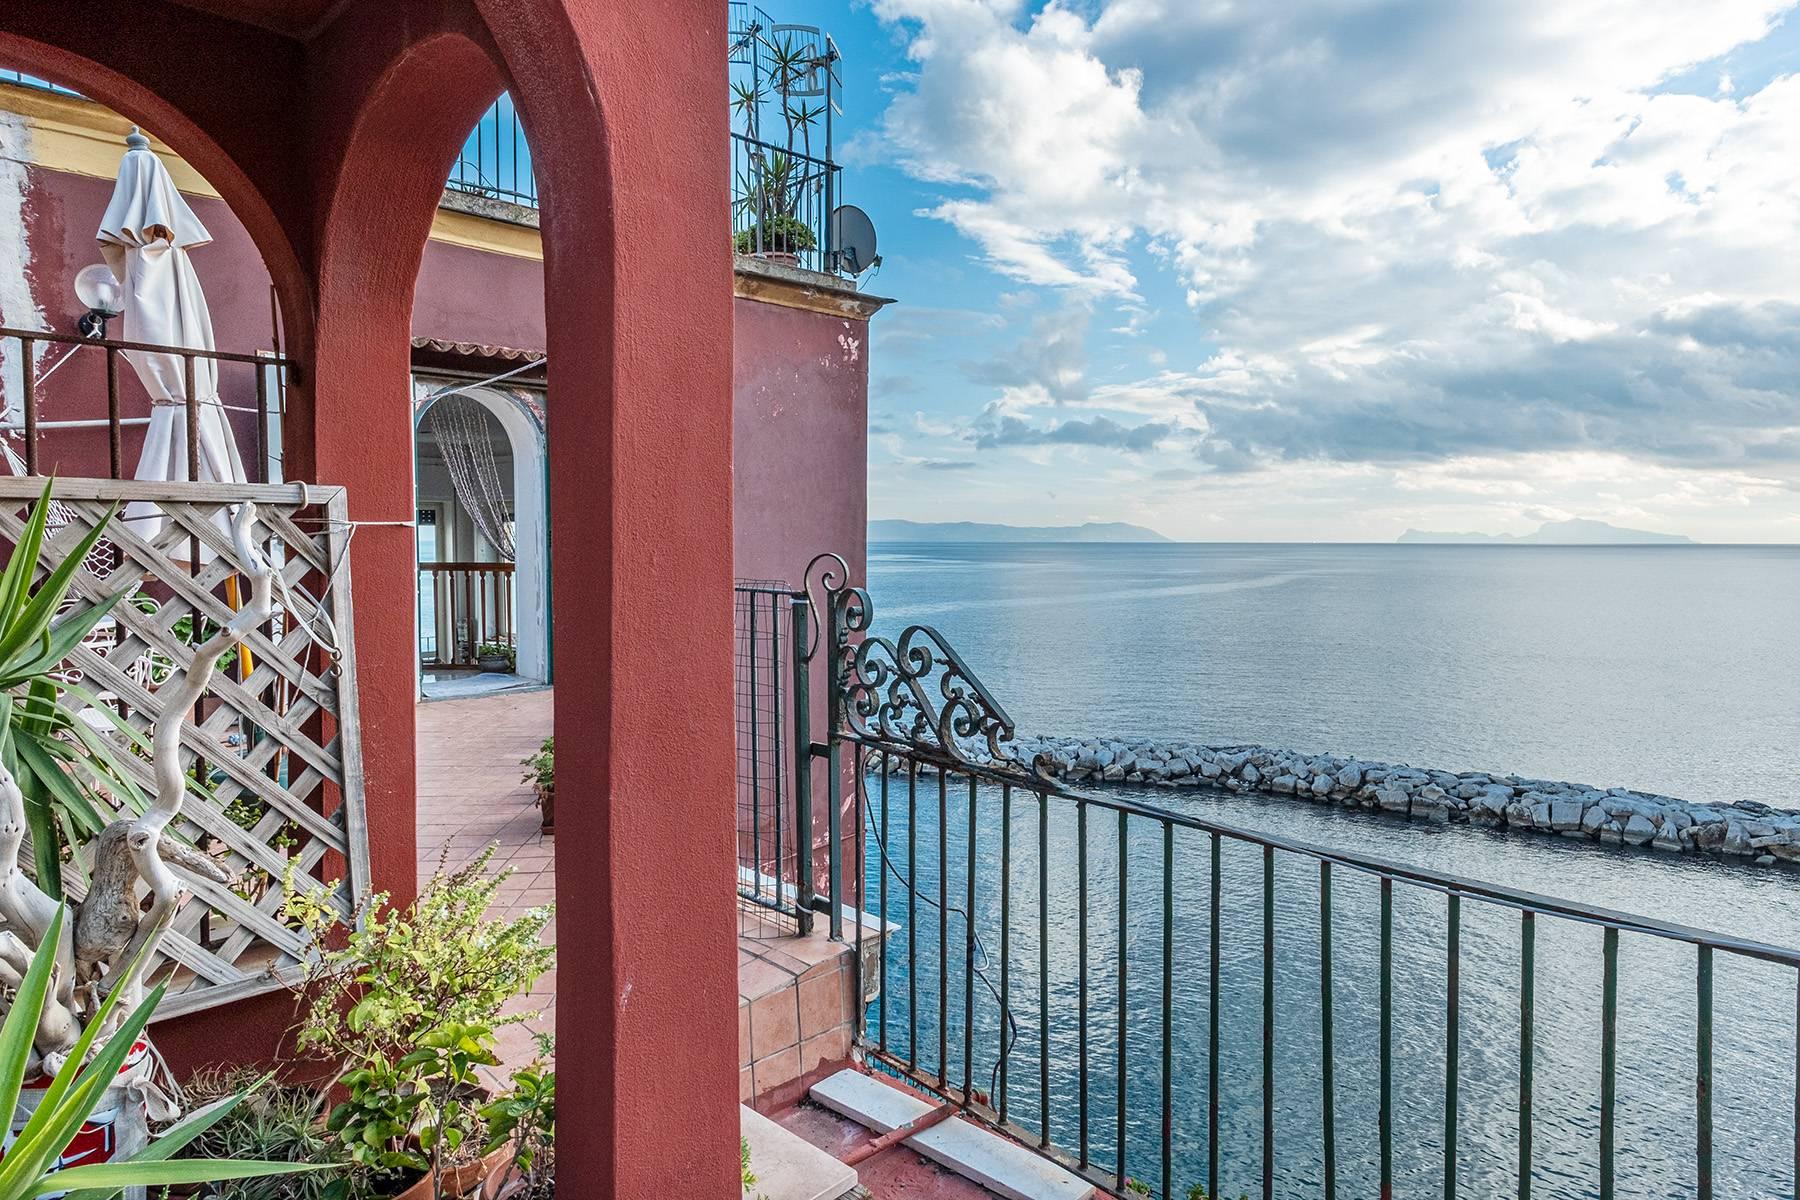 Attico in Vendita a Napoli: 5 locali, 650 mq - Foto 26